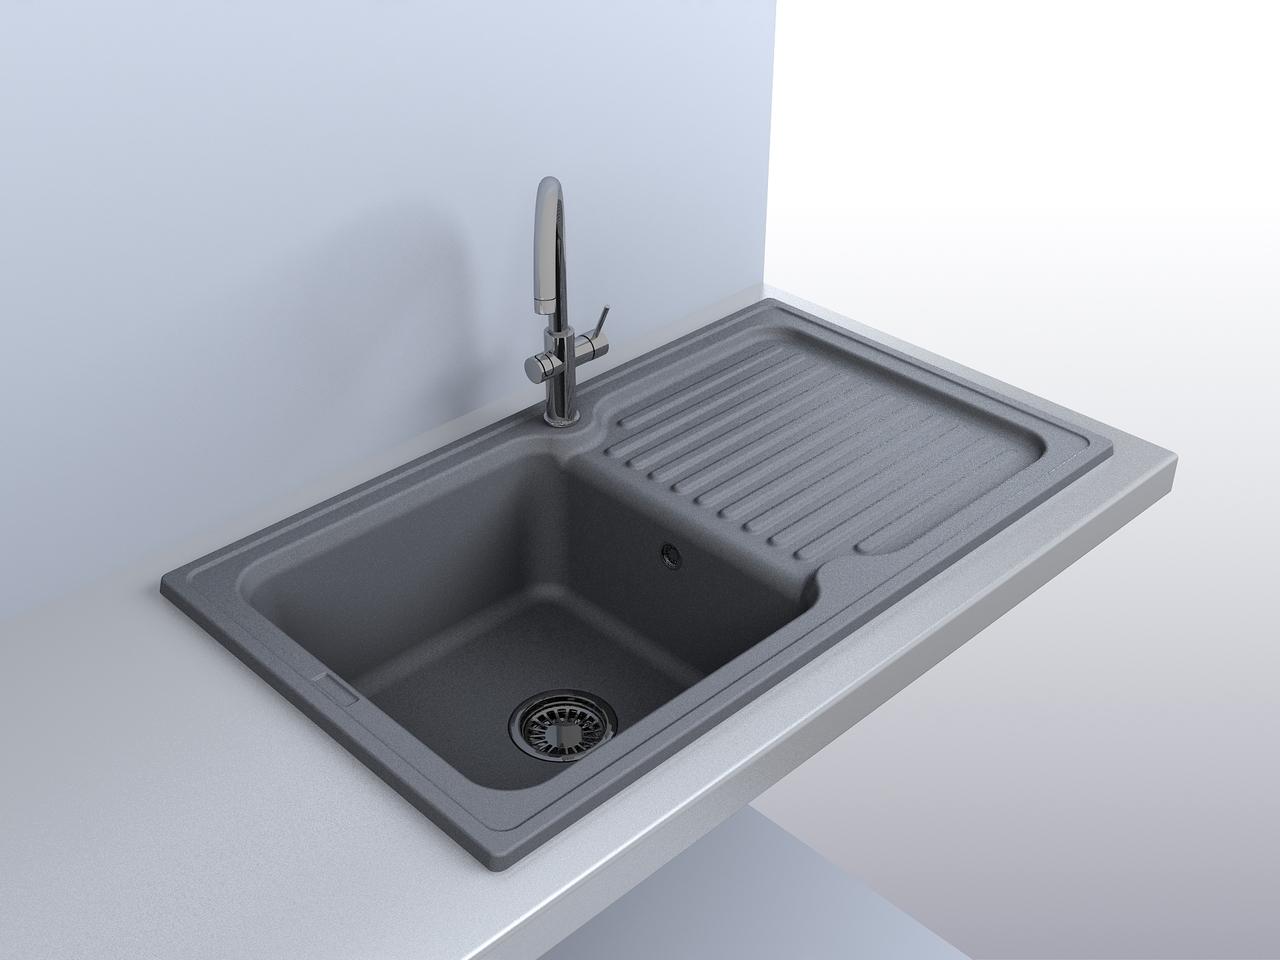 Якісна, сучасна кухонна мийка (товар та фото магазину «Лео Кераміка»)